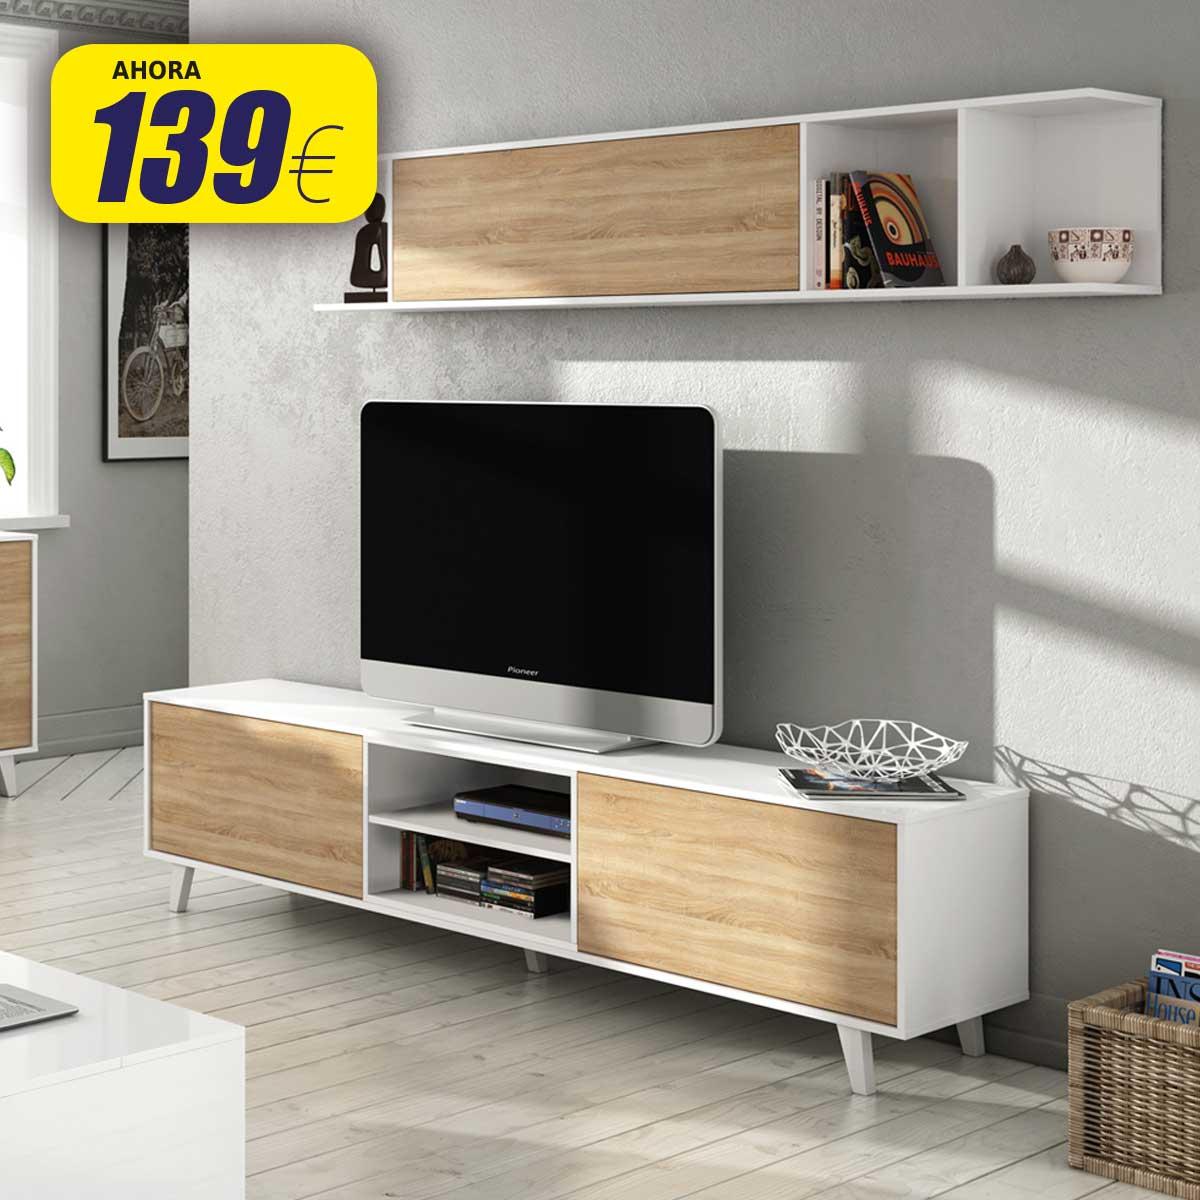 Muebles sarria cordoba obtenga ideas dise o de muebles for Catalogo muebles sarria